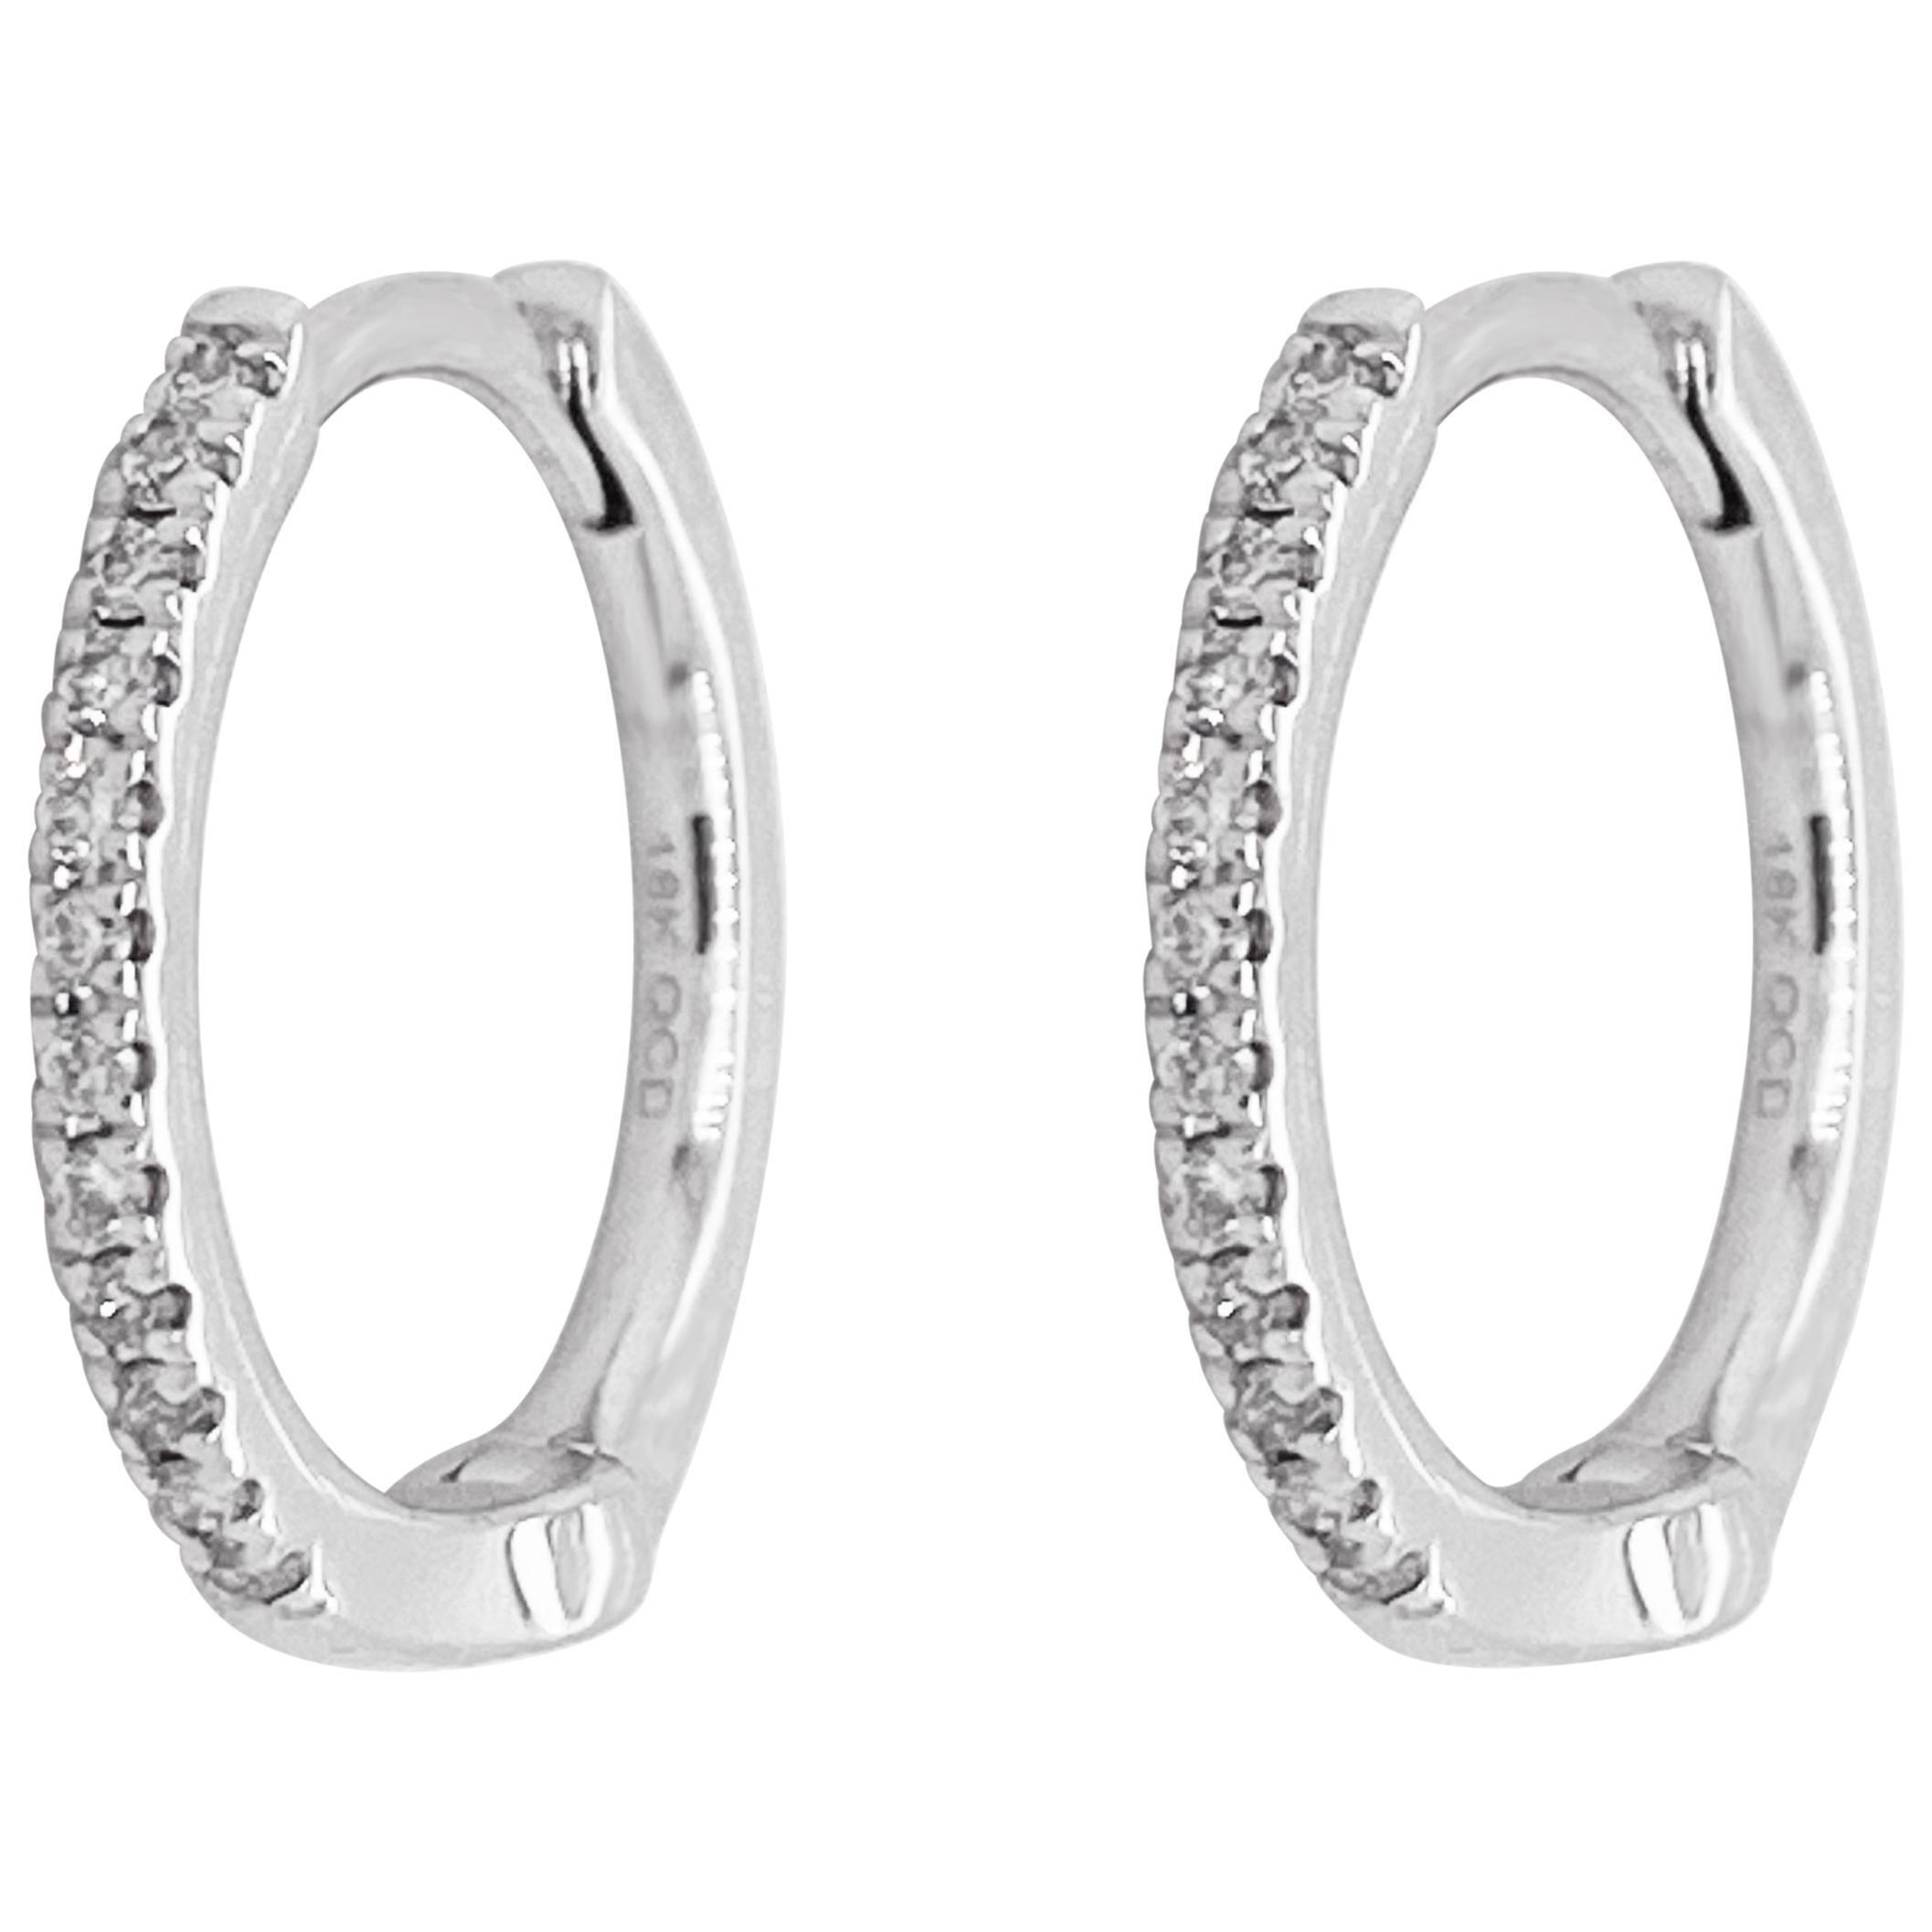 White Diamond Hoop Earrings, White Gold 18 Karat, 18 Karat, Small Hoops, Huggies